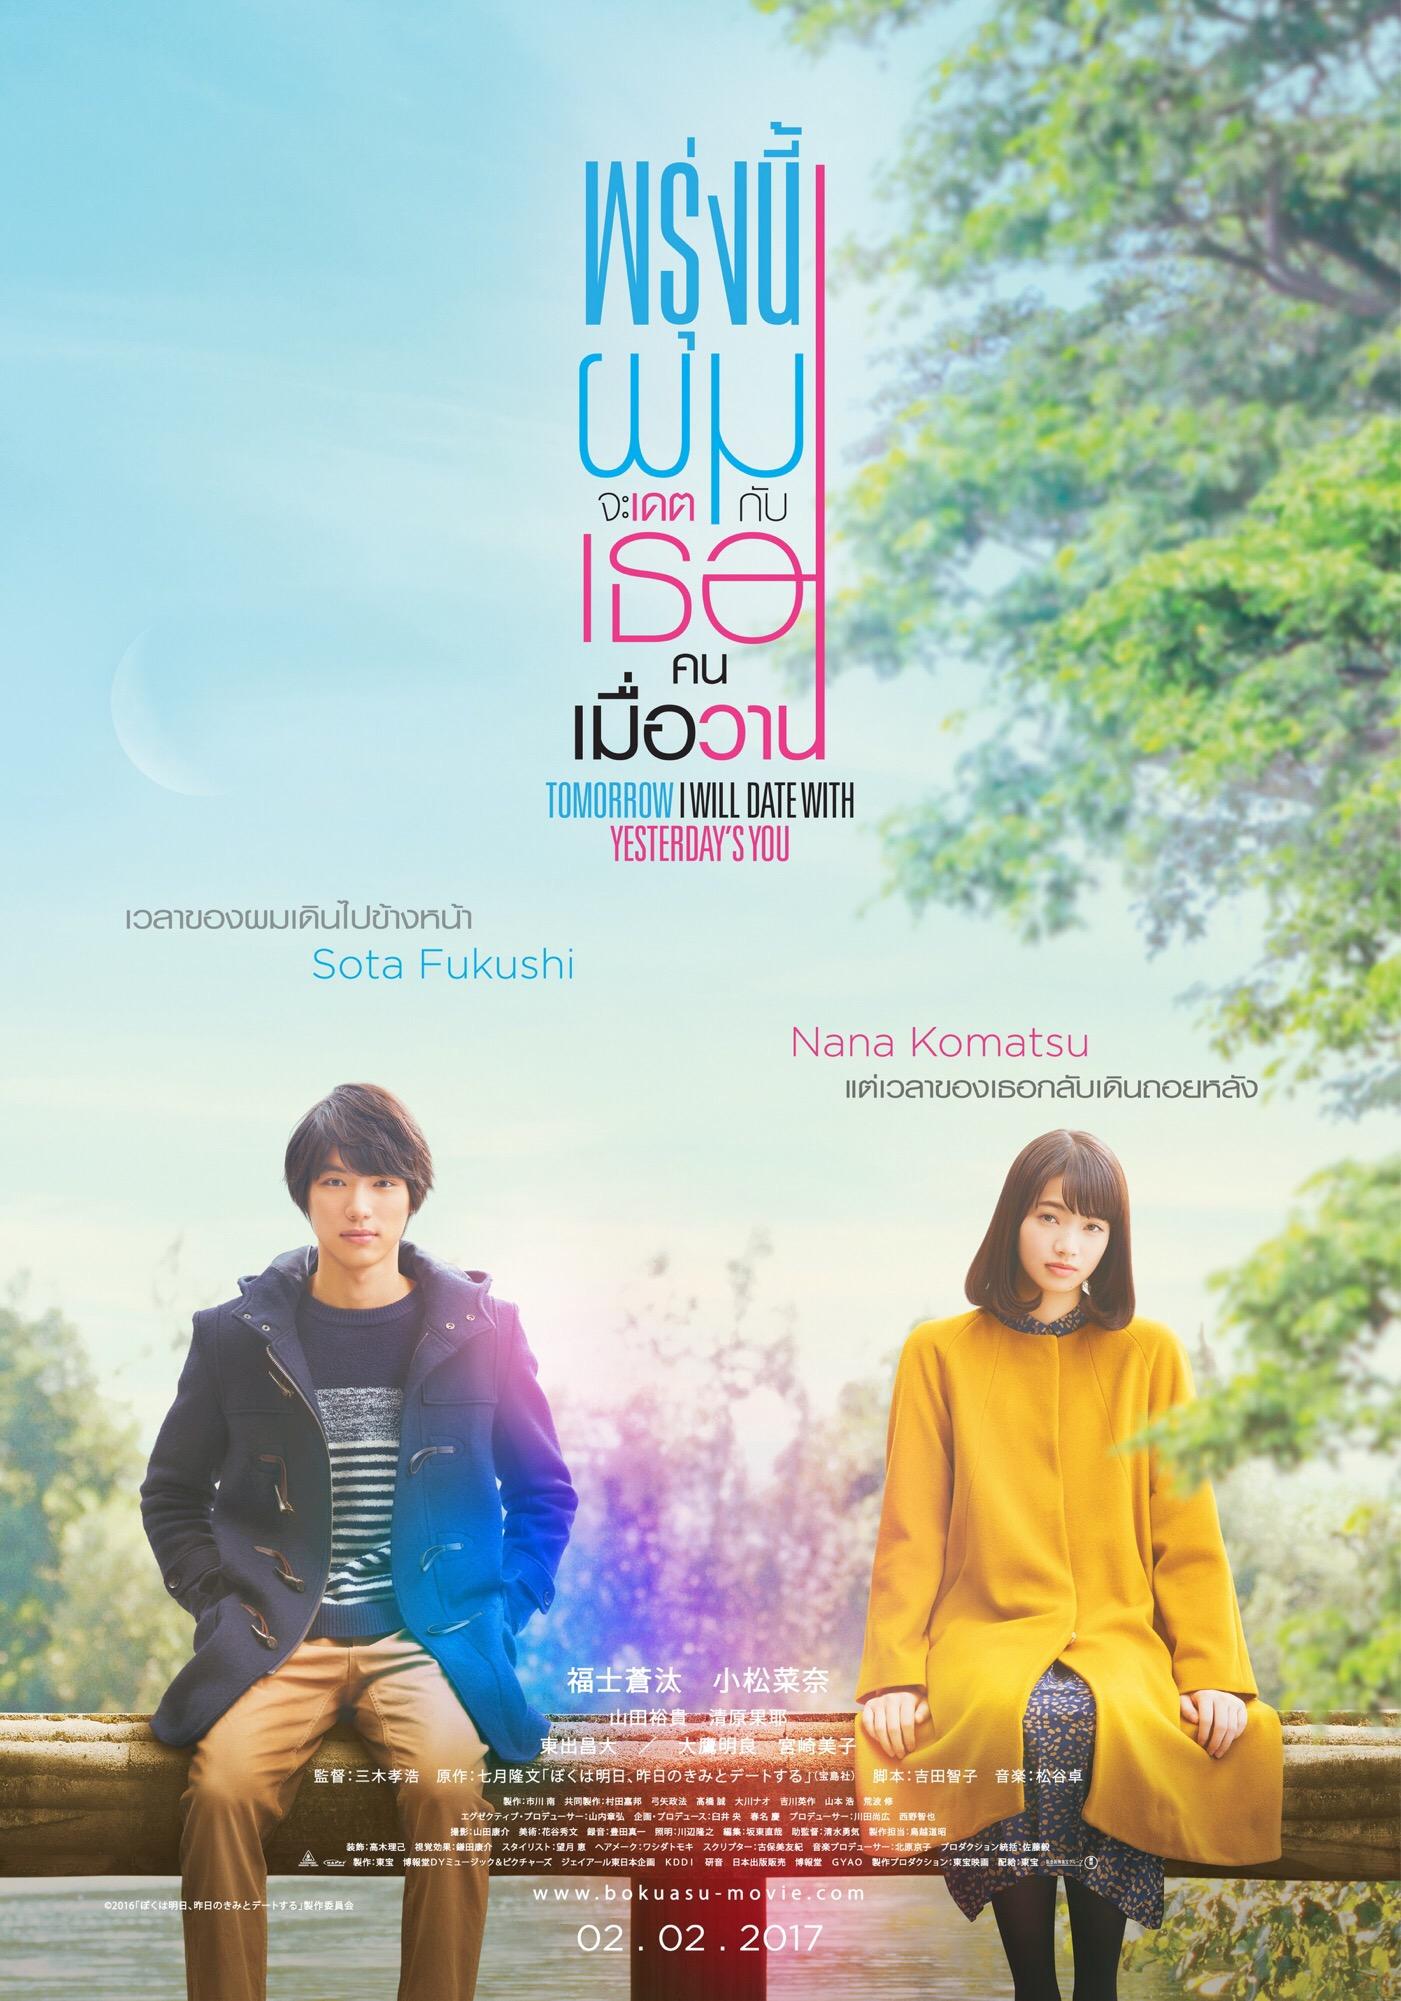 โซตะ ฟุคุชิ ขอความรัก นานะ โคมัตสึ บนโปสเตอร์ไทยTomorrow I will date with Yesterday's You พรุ่งนี้ผมจะเดตกับเธอคนเมื่อวาน